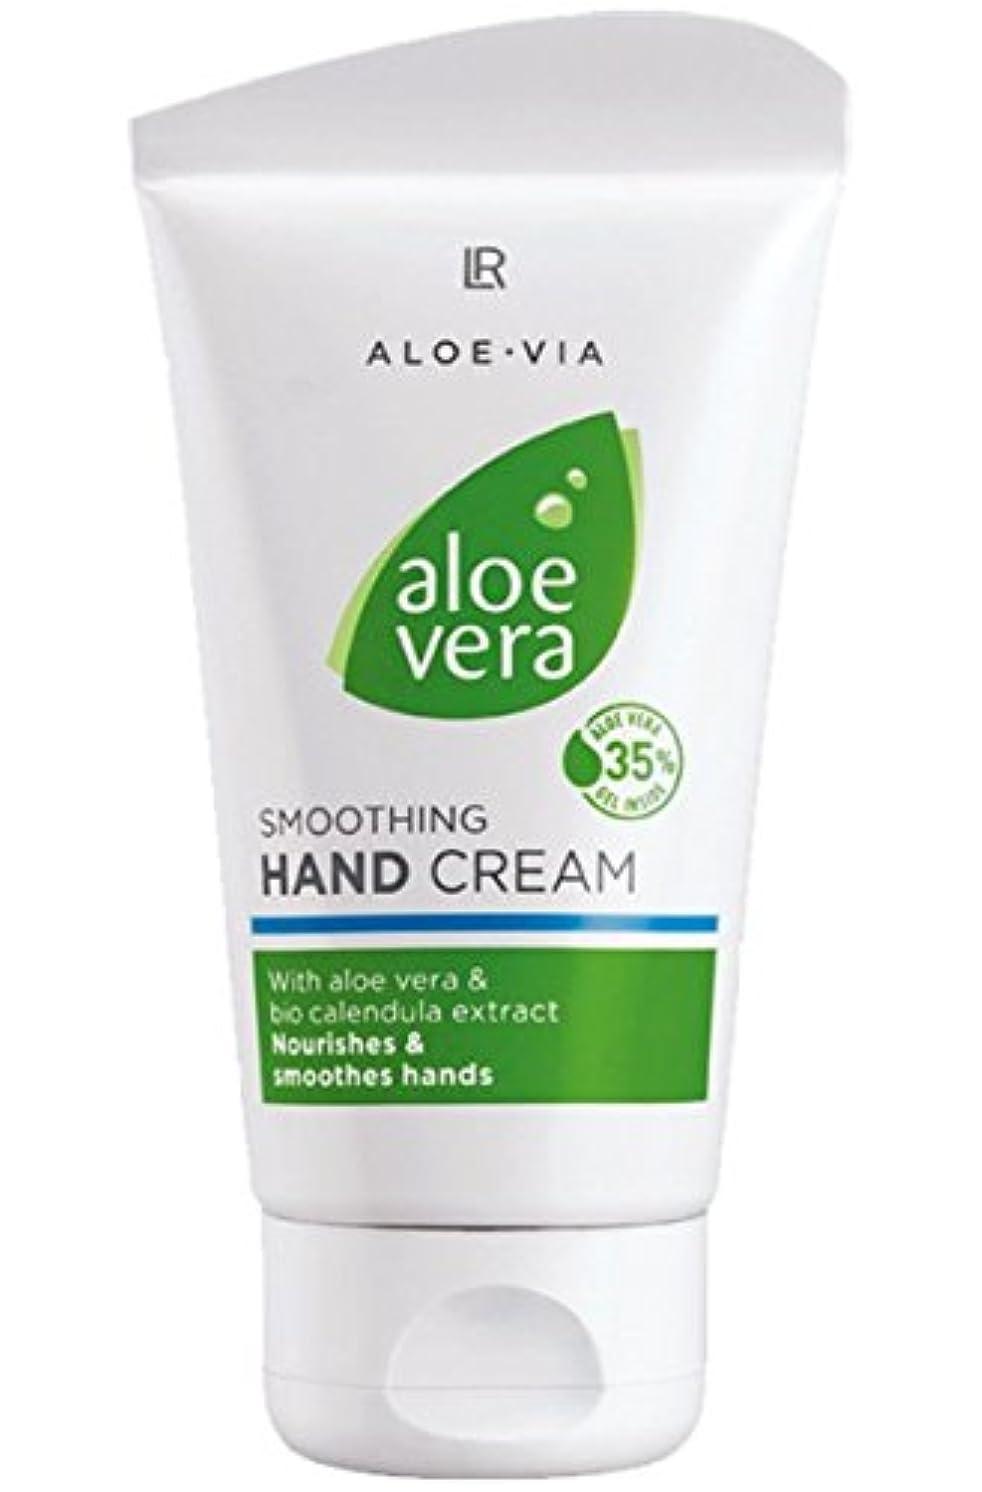 騒々しい名誉あるうめきL R アロエハンドクリーム美容や化粧品の35%アロエベラ75ミリリットル